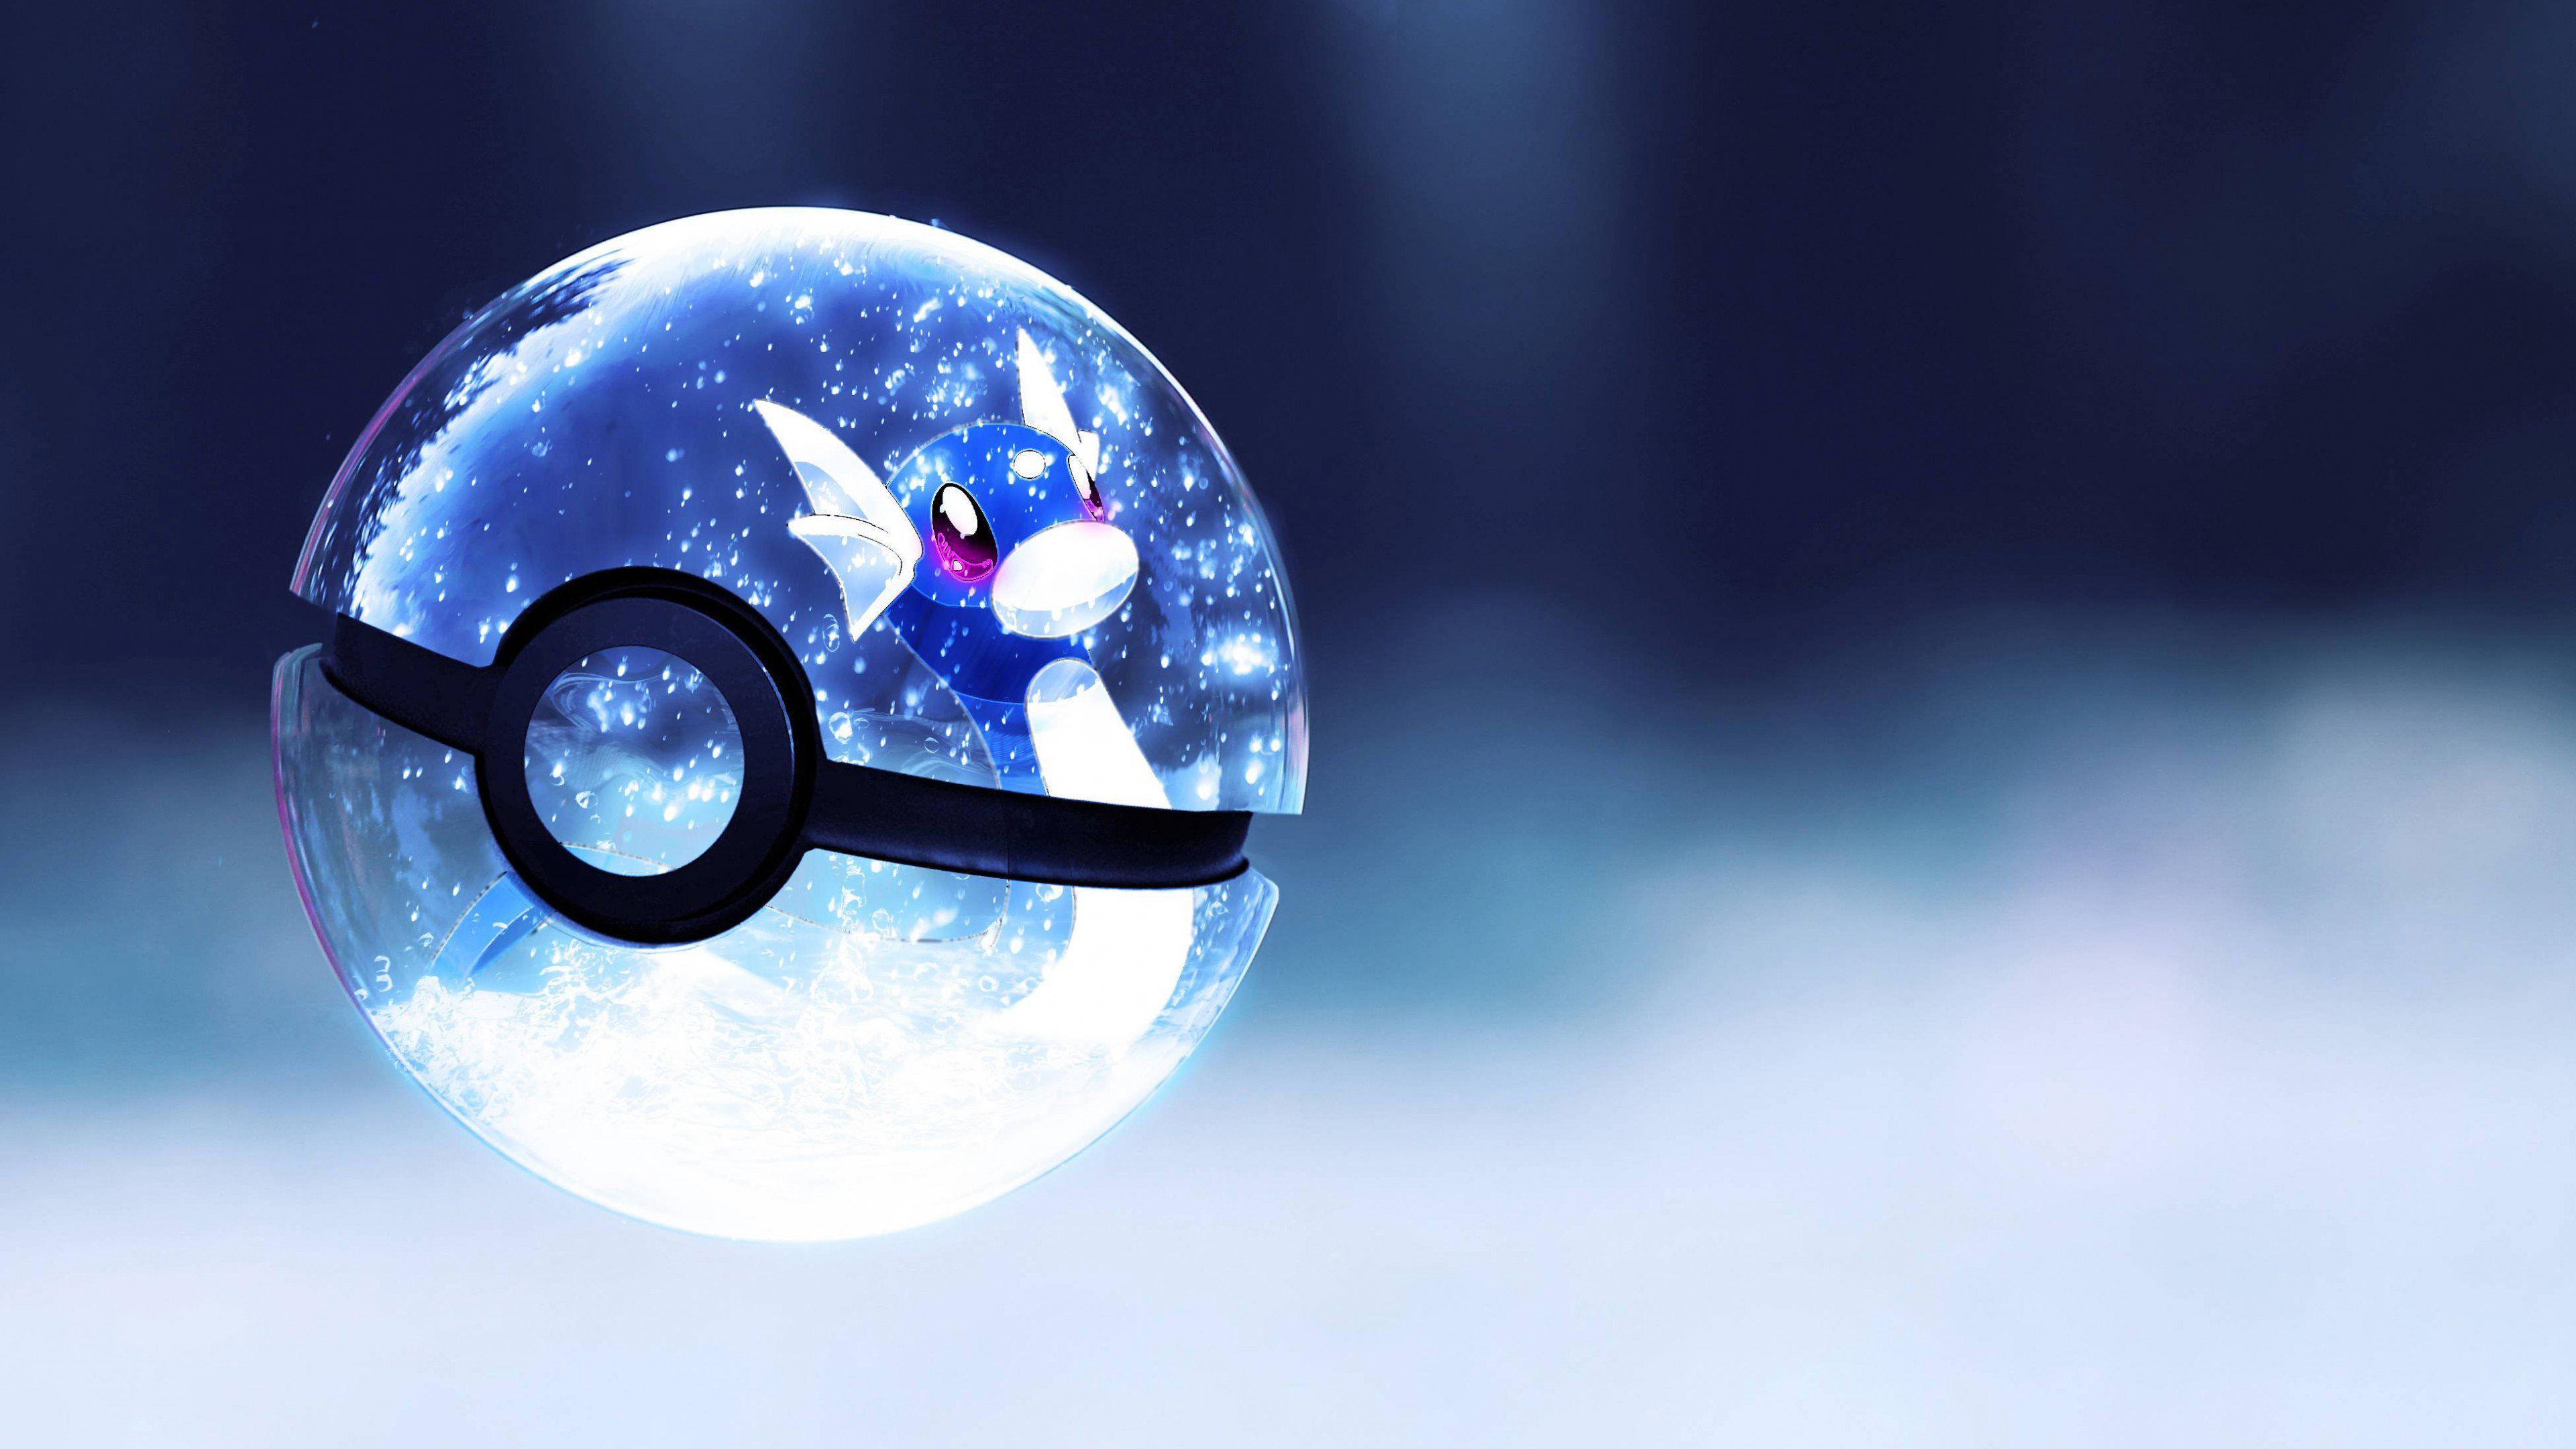 Pokemon Fond D 馗ran